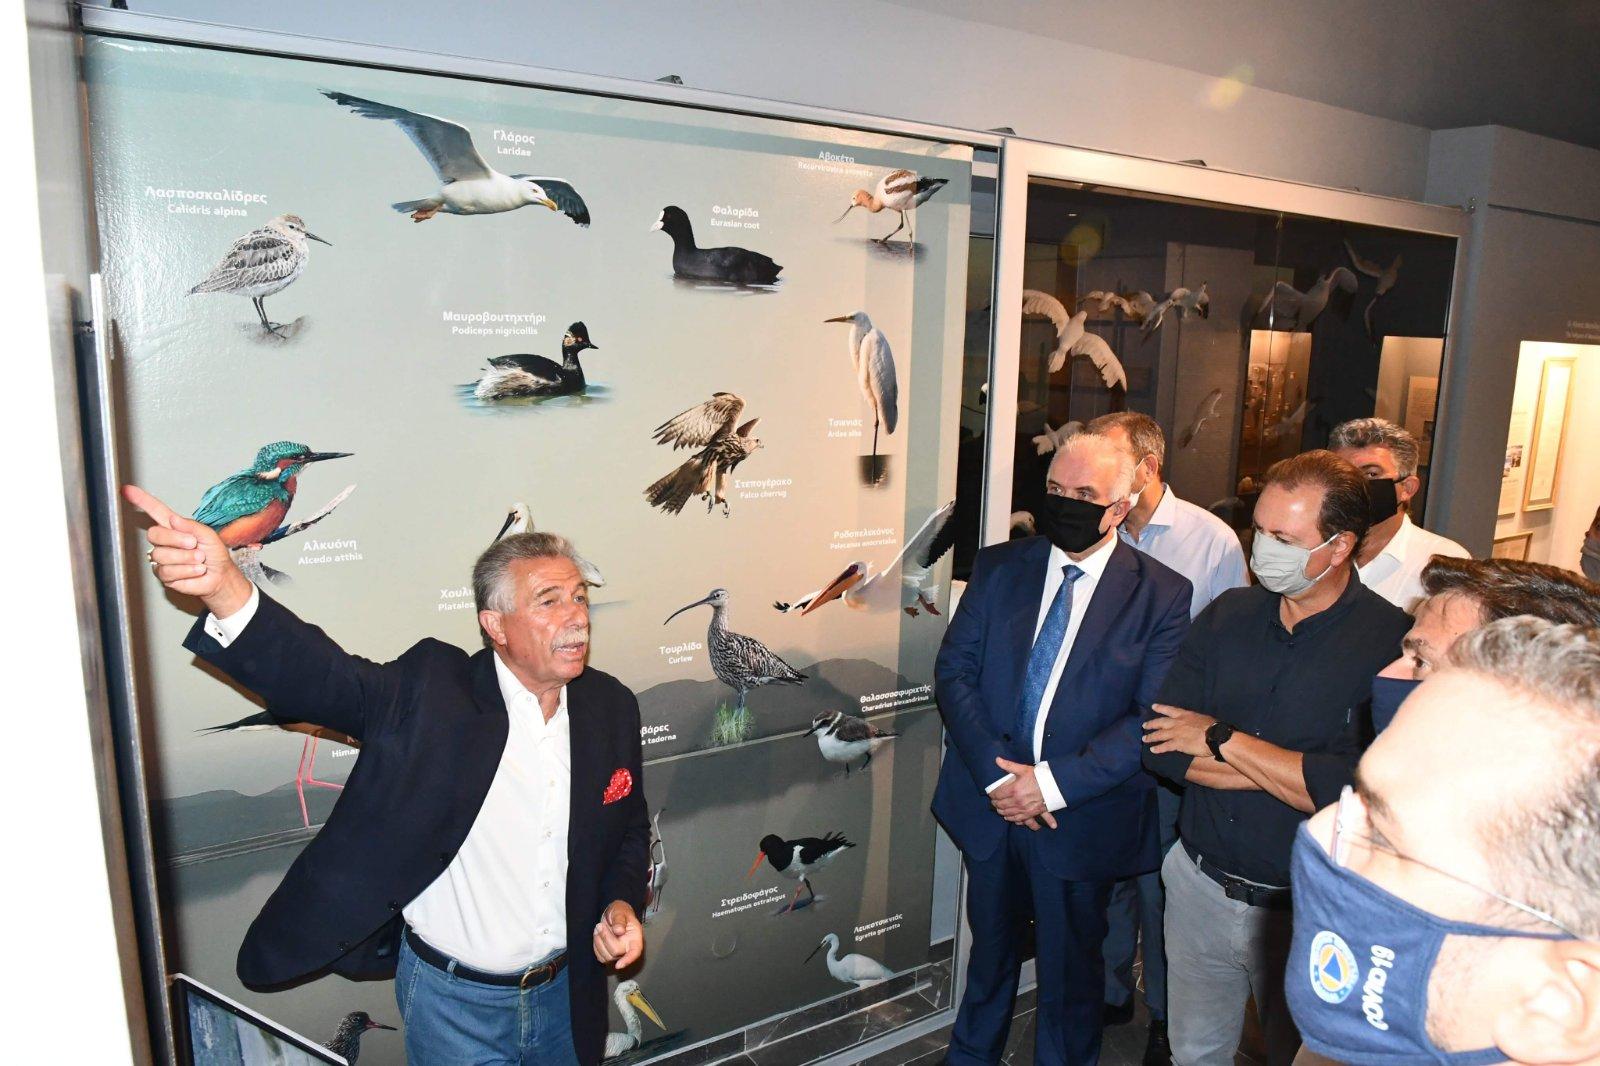 Άνοιξε τις πύλες του στο κοινό το νέο Μουσείο Άλατος στο Μεσολόγγι